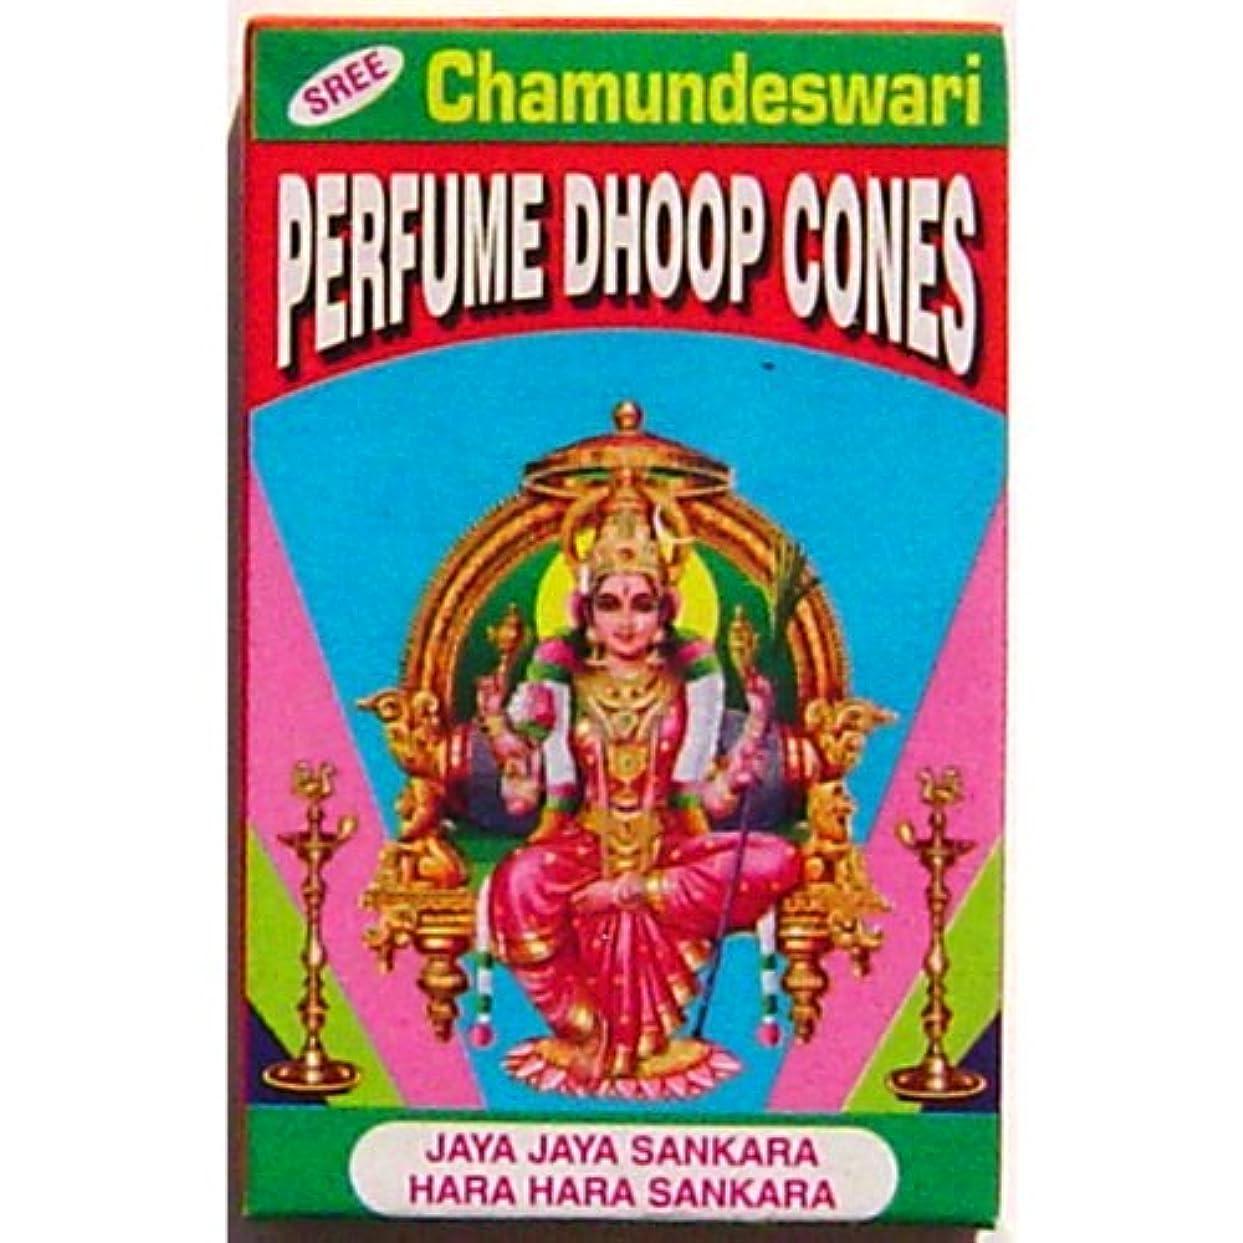 セッション問い合わせ届けるVedavyasa Dhoop Cones – Sree Chamundeswari – 10 perボックス